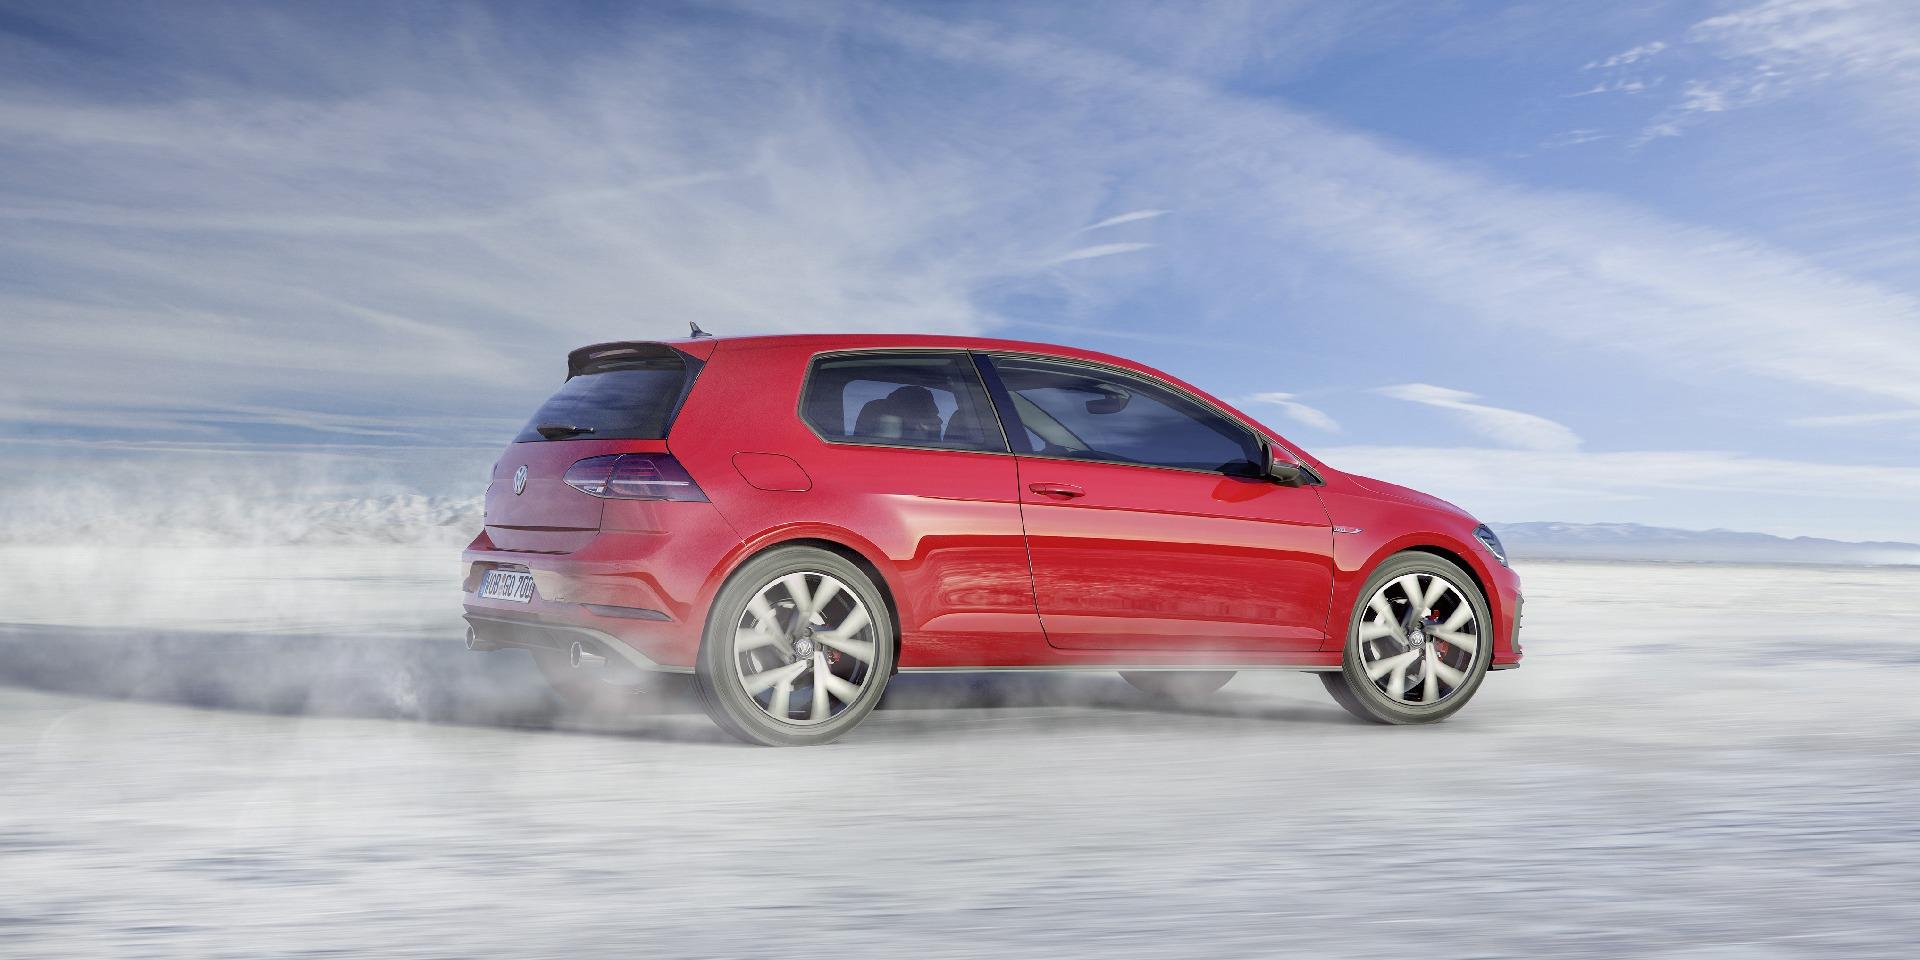 VW озвучил цены улучшенного Golf